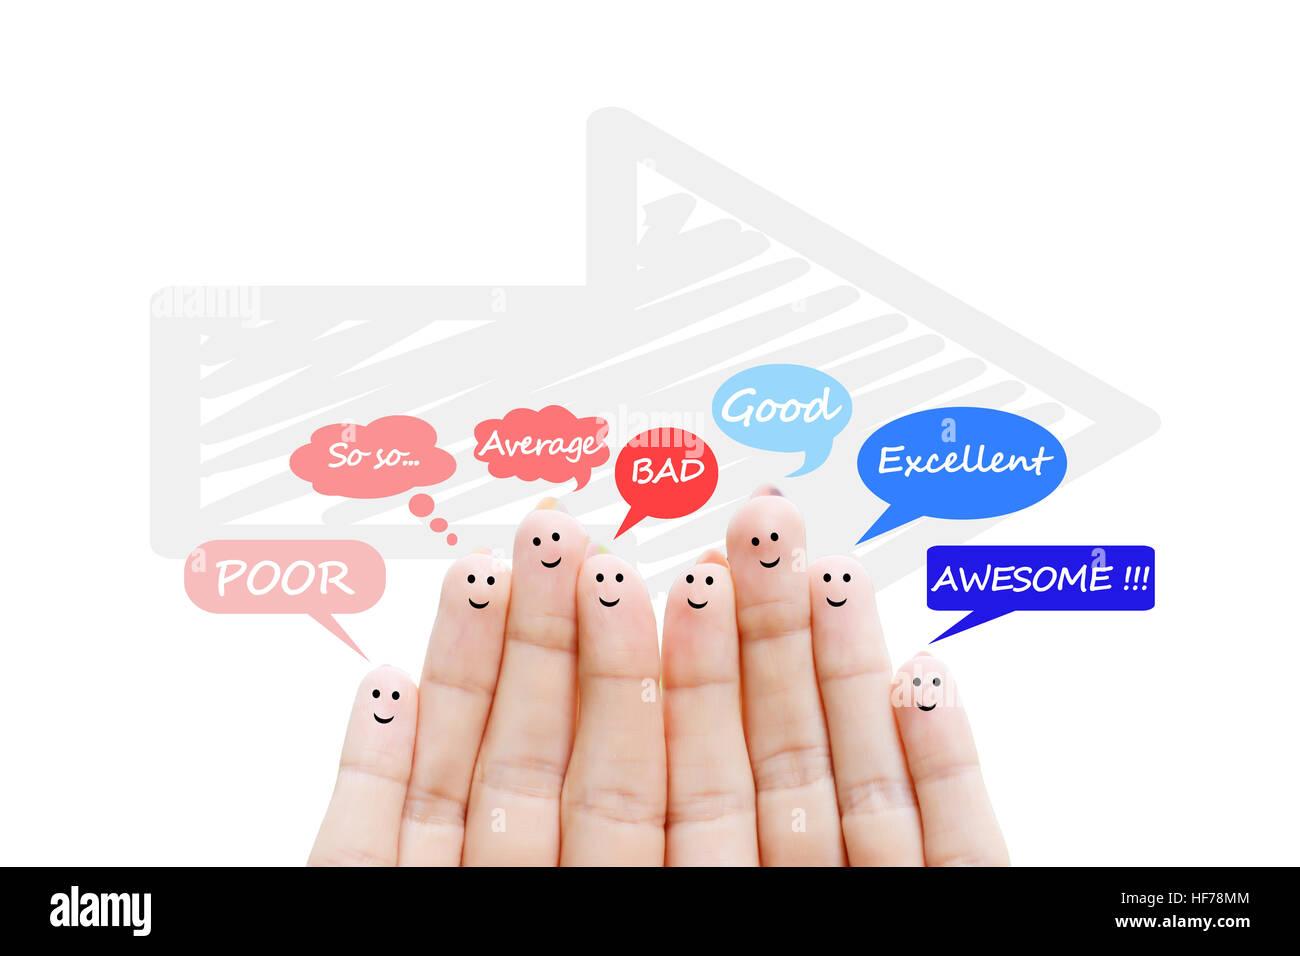 Kundenzufriedenheit Maßstab und Testimonials Konzept mit glücklich menschliche Finger Stockbild